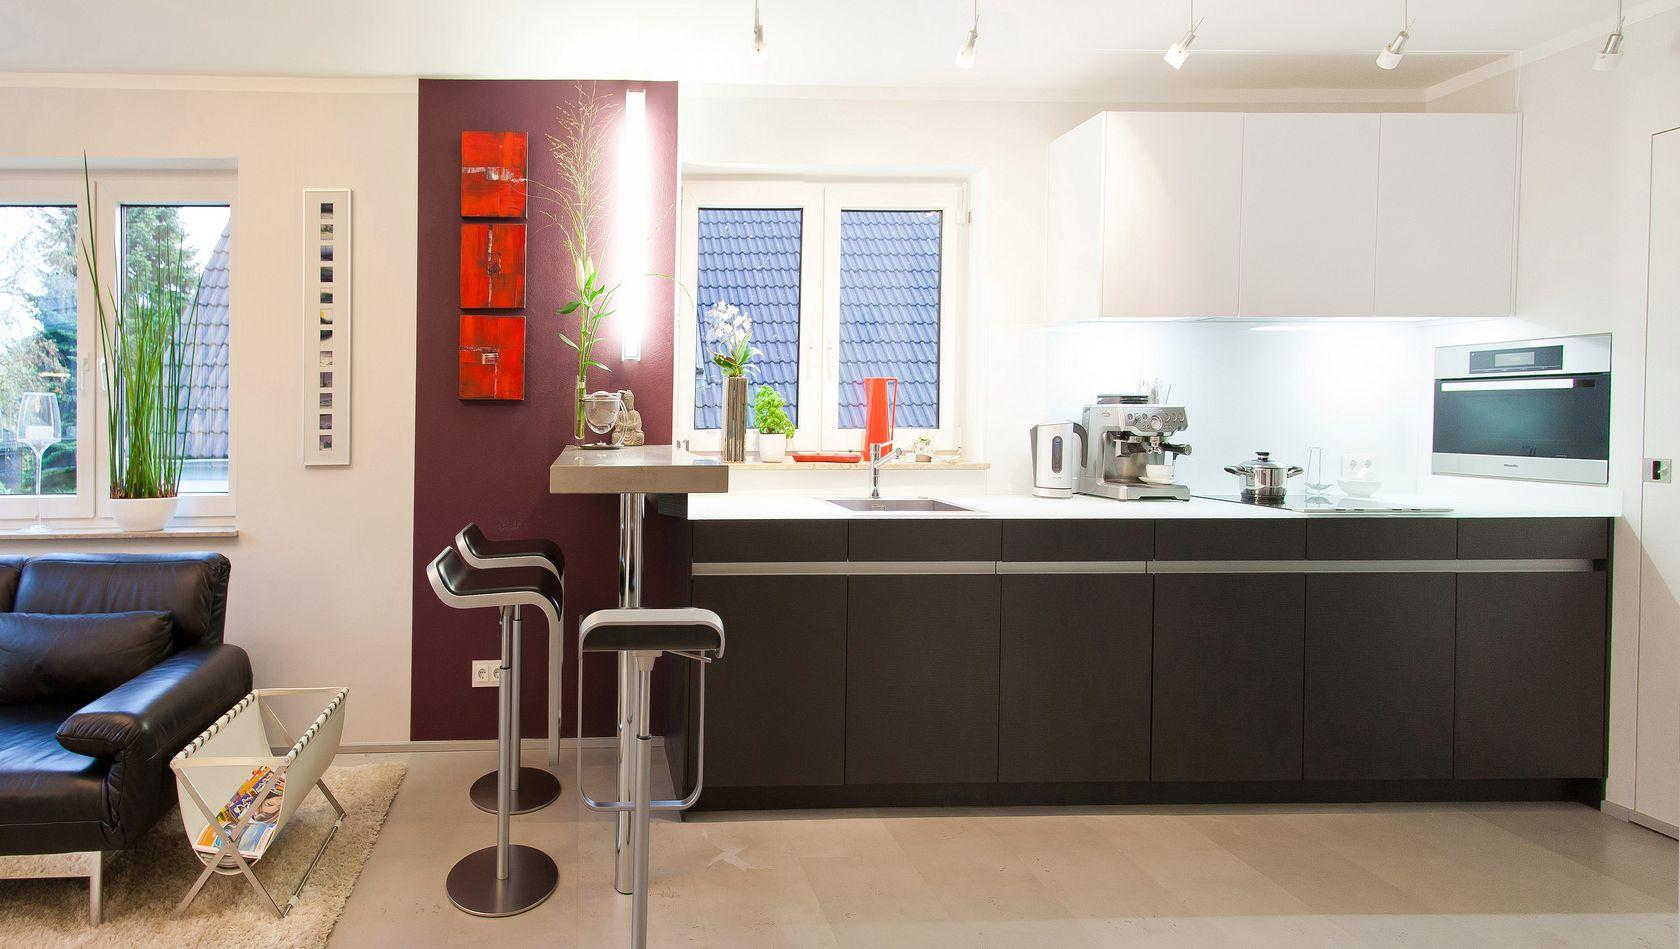 moderne leicht küche mit glas-arbeitsplatte und theke - küchenhaus ... - Glas Arbeitsplatte Küche